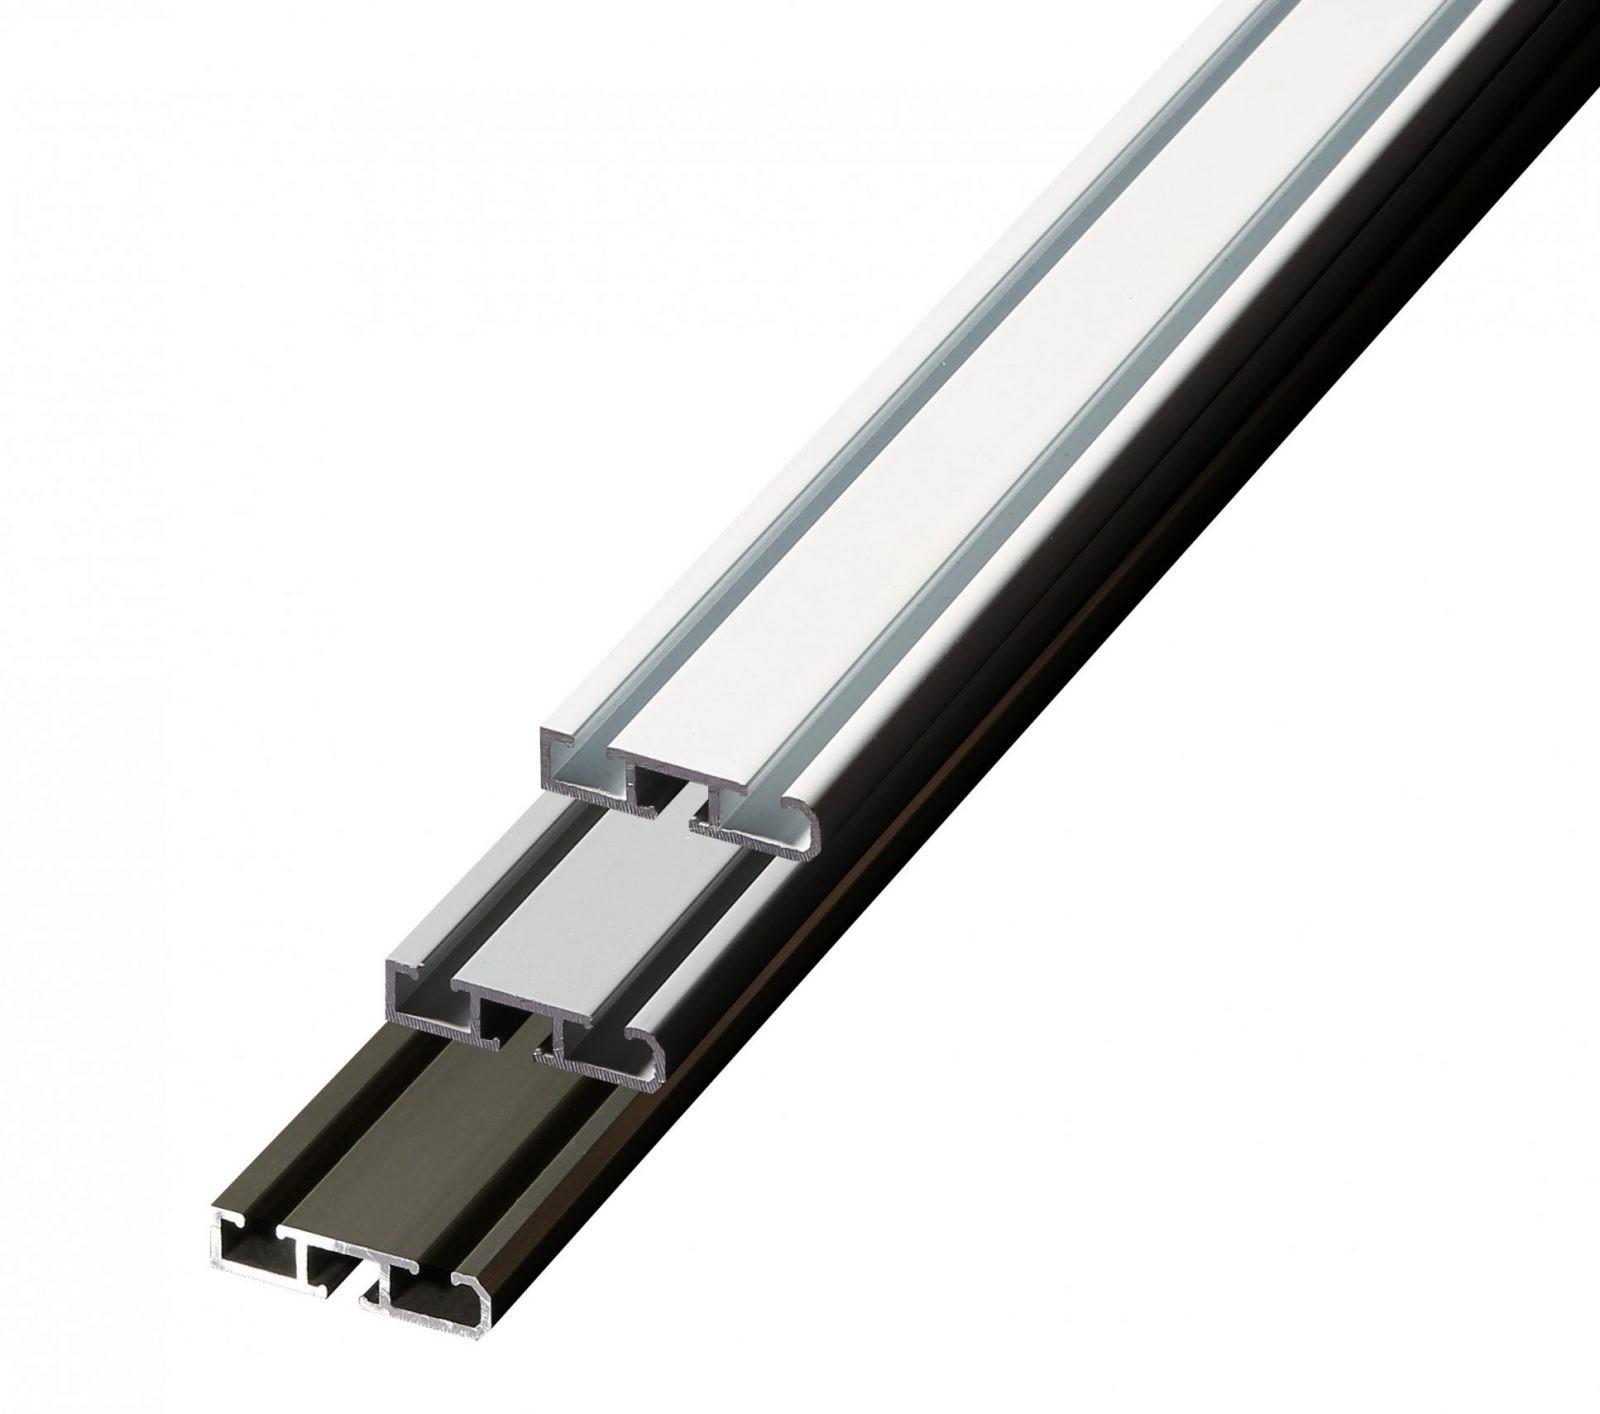 Aluminium Gardinenschiene 12Läufig  Bis 6Lfm  Made In Germany von Gardinenschiene 1 Läufig Deckenmontage Bild